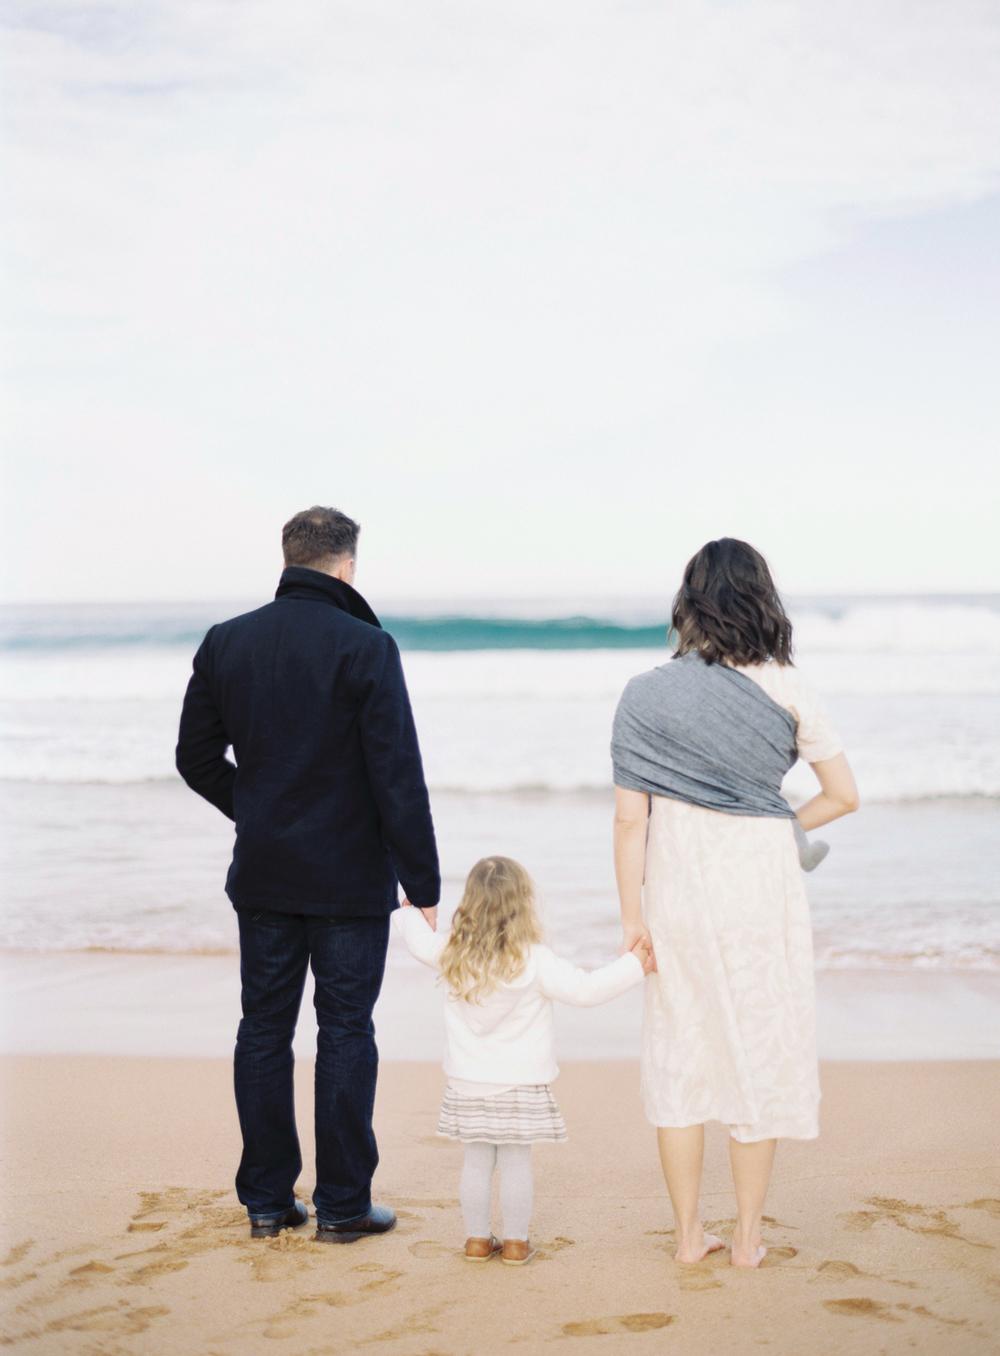 Seaside Family Session on Film